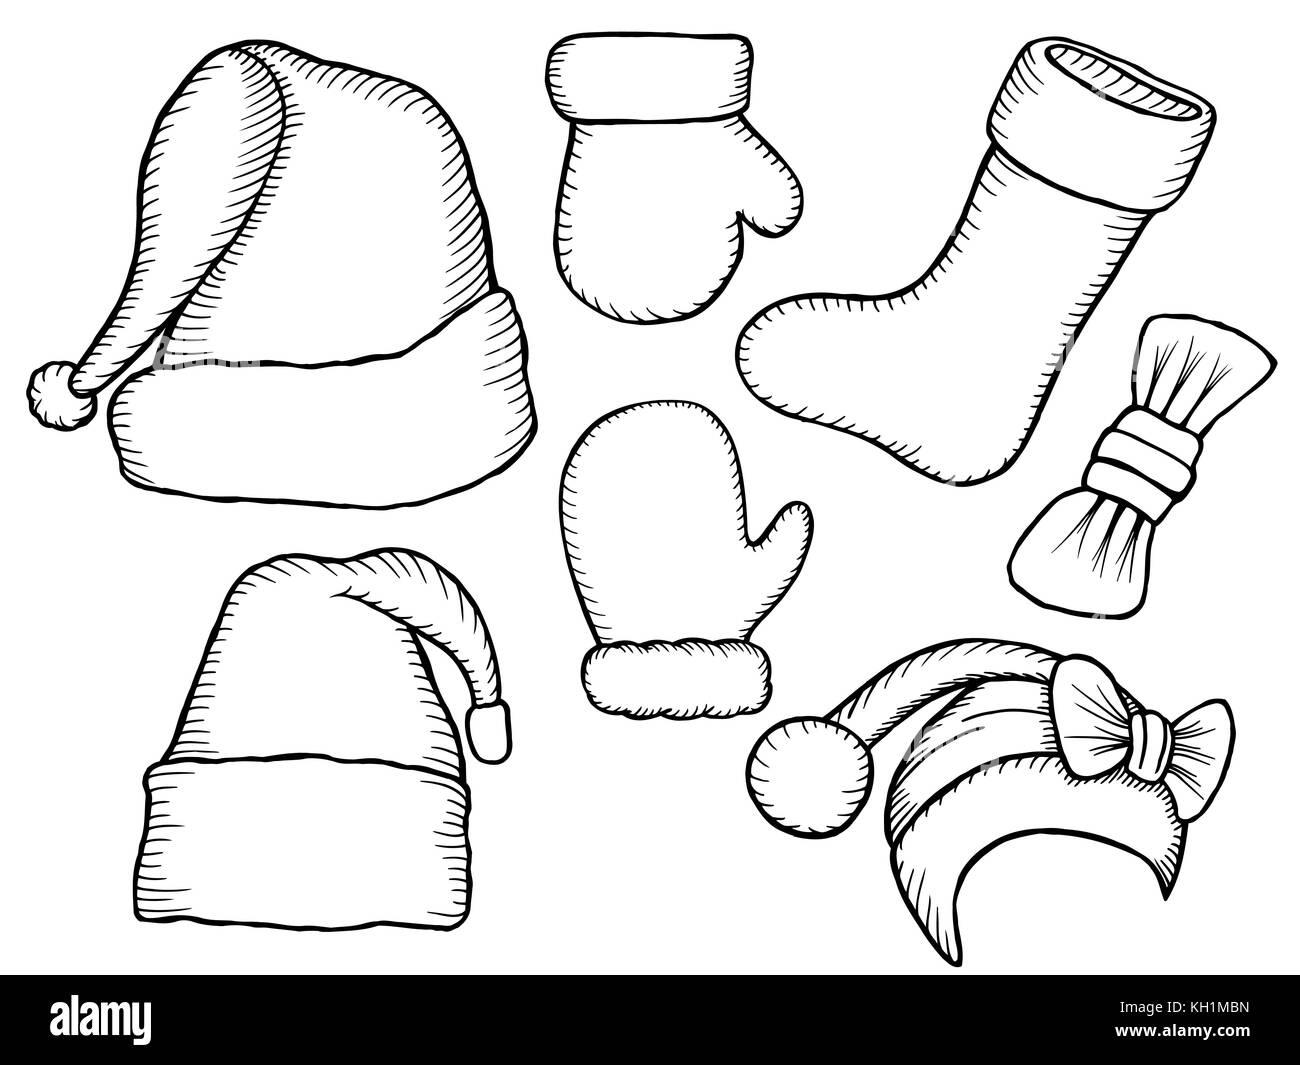 set of monochrome doodle hats boots socks santa claus template